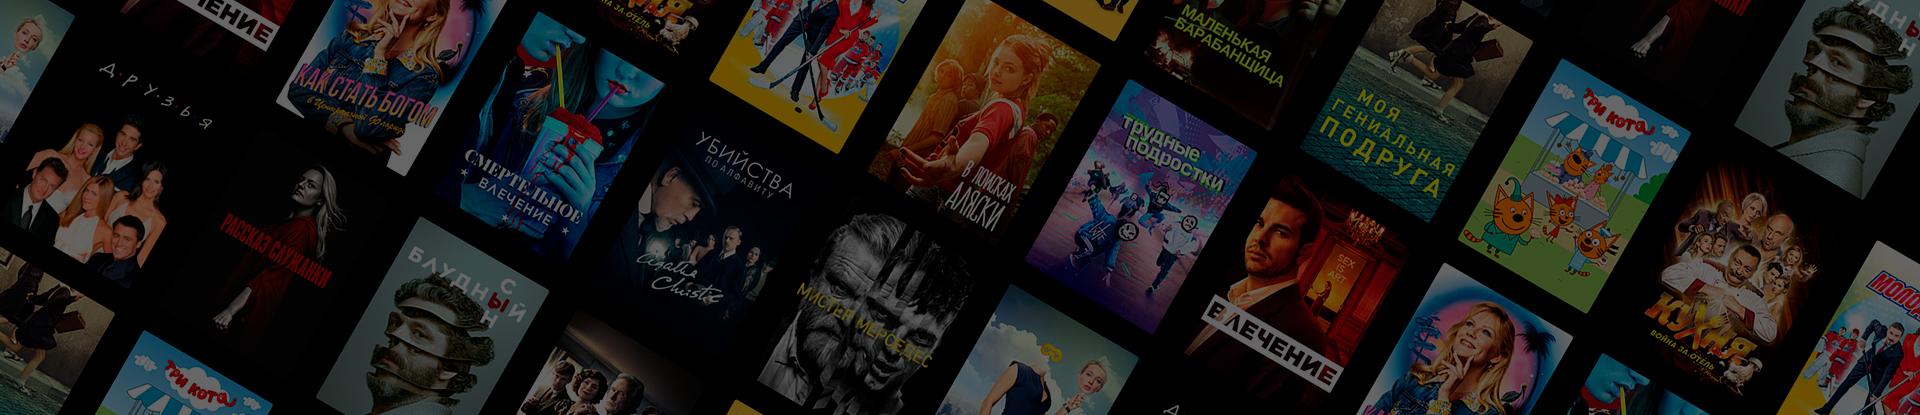 Коллекция сериалов, популярных телеканалов и фильмов